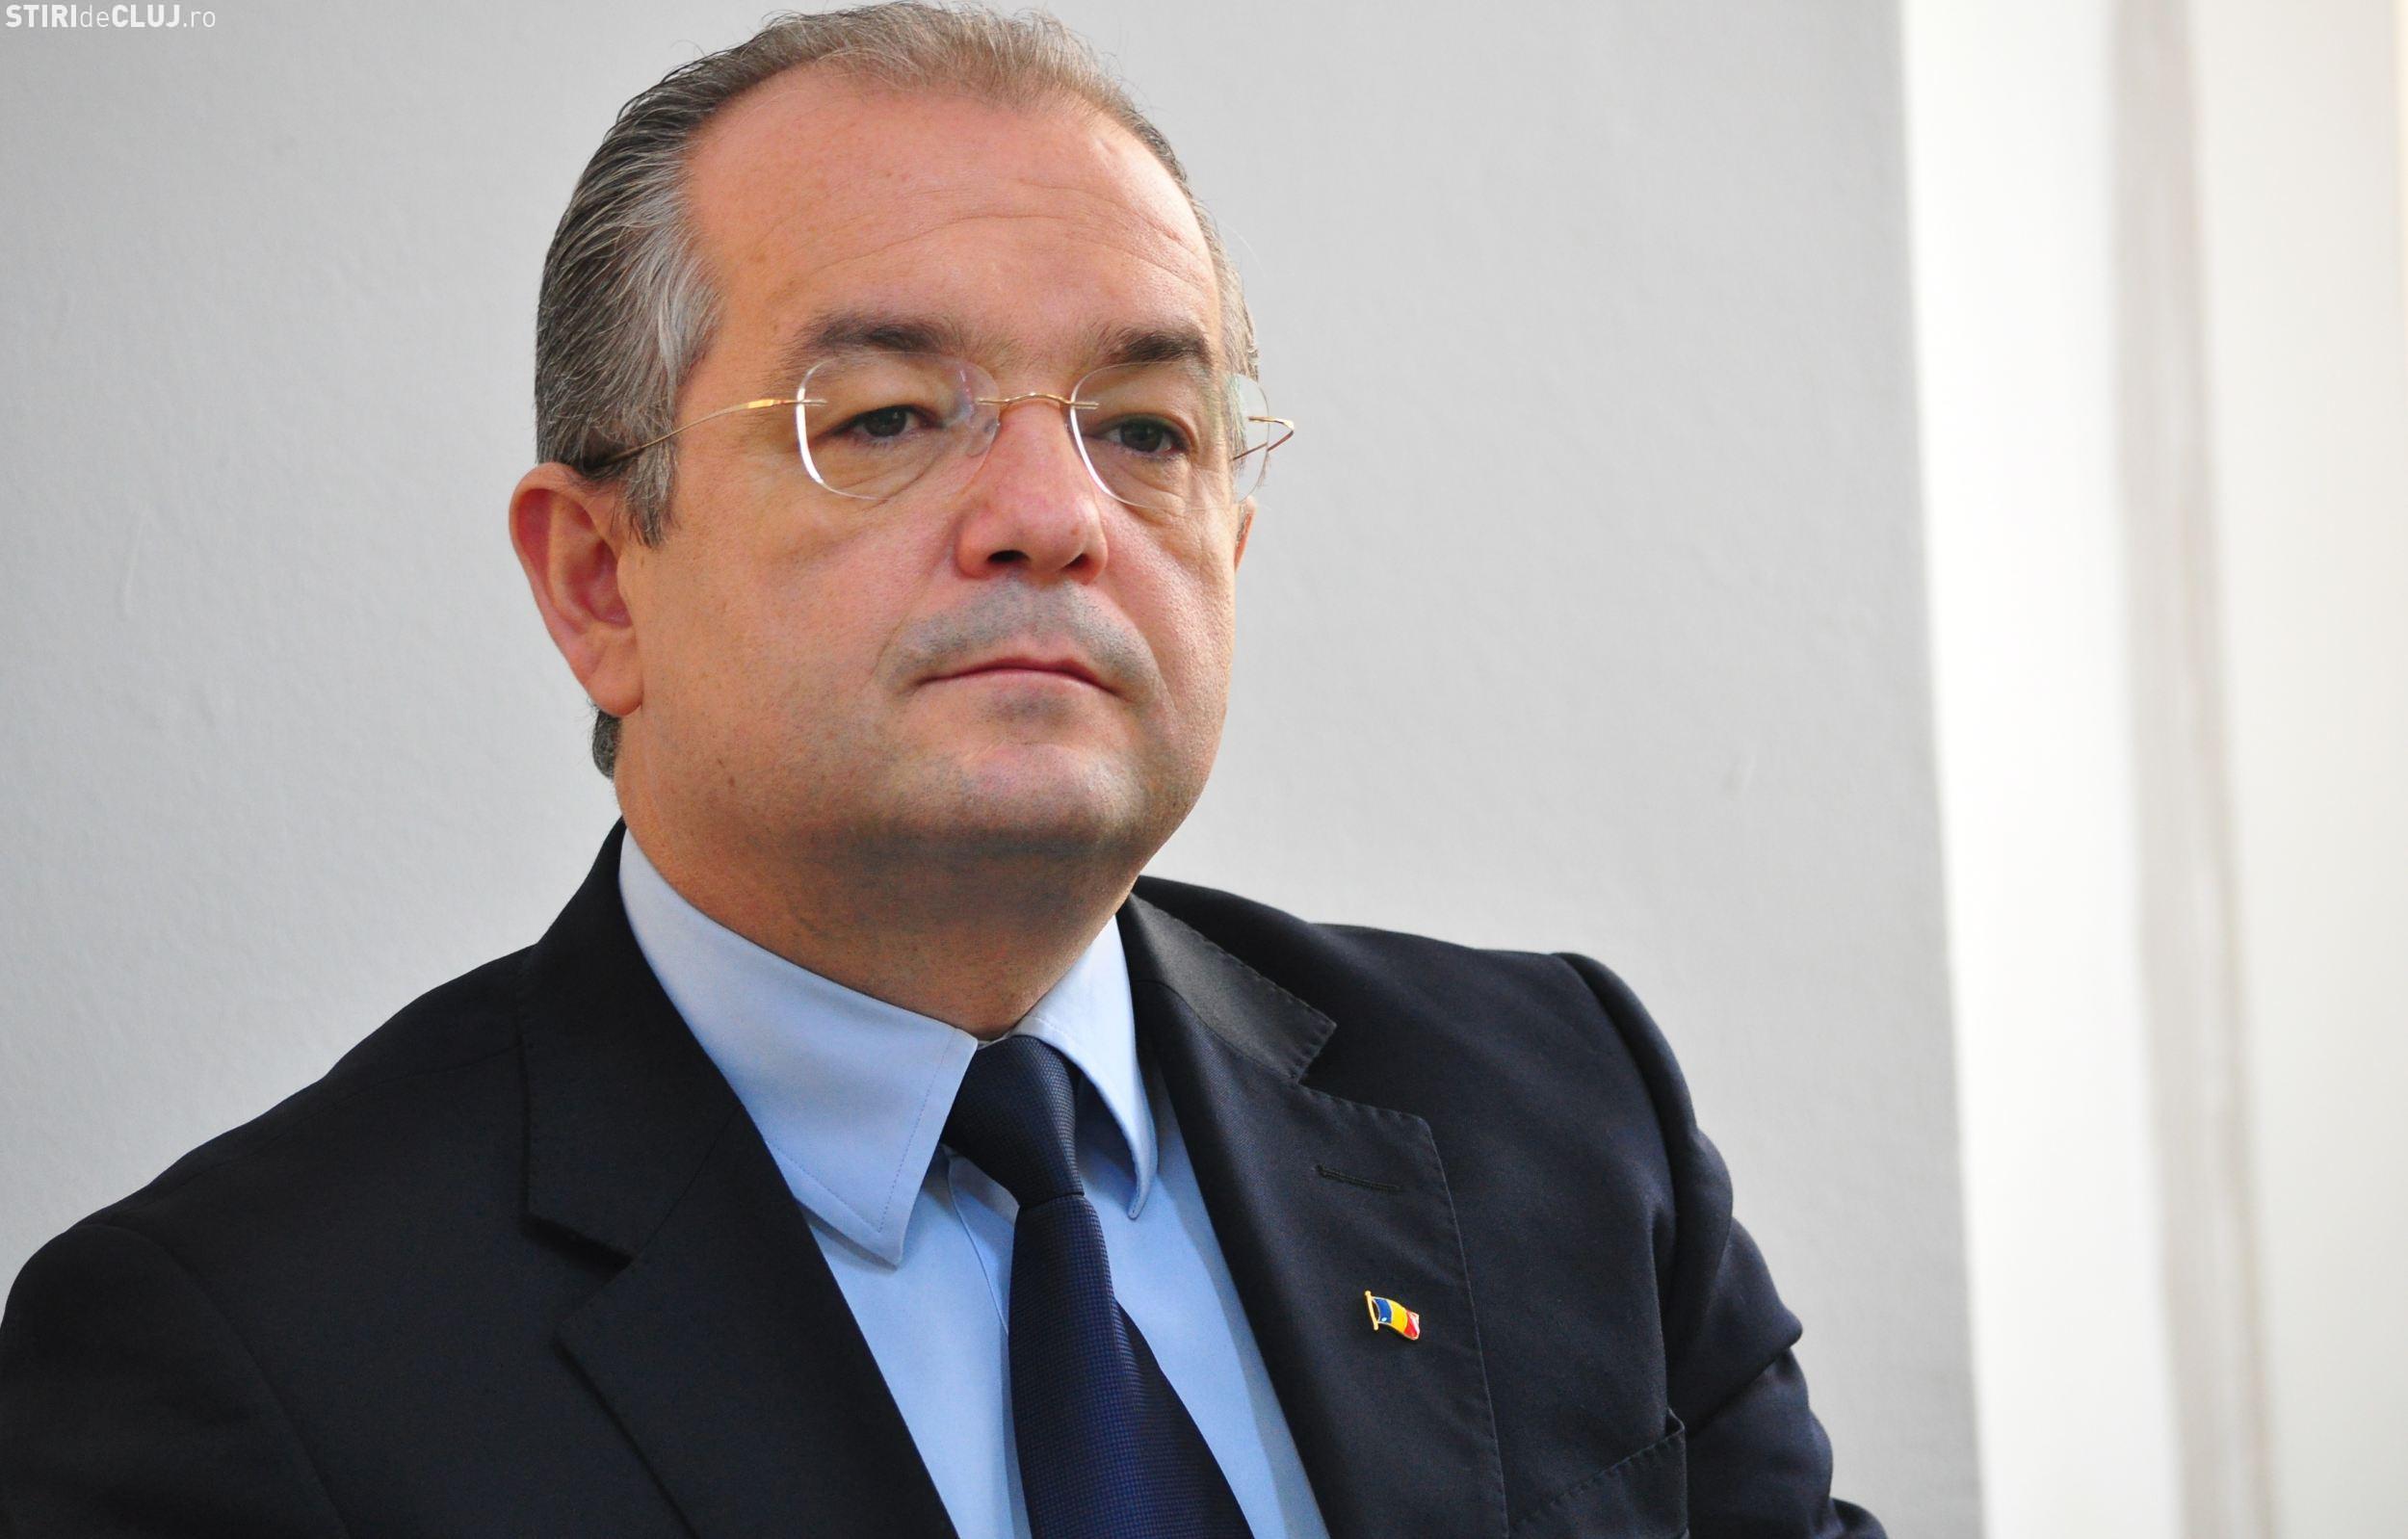 Deputatul PSD, Horia Nasra, a făcut registrul promisiunilor electorale marca Emil Boc: 65 de promisiuni nerealizate sau abandonate